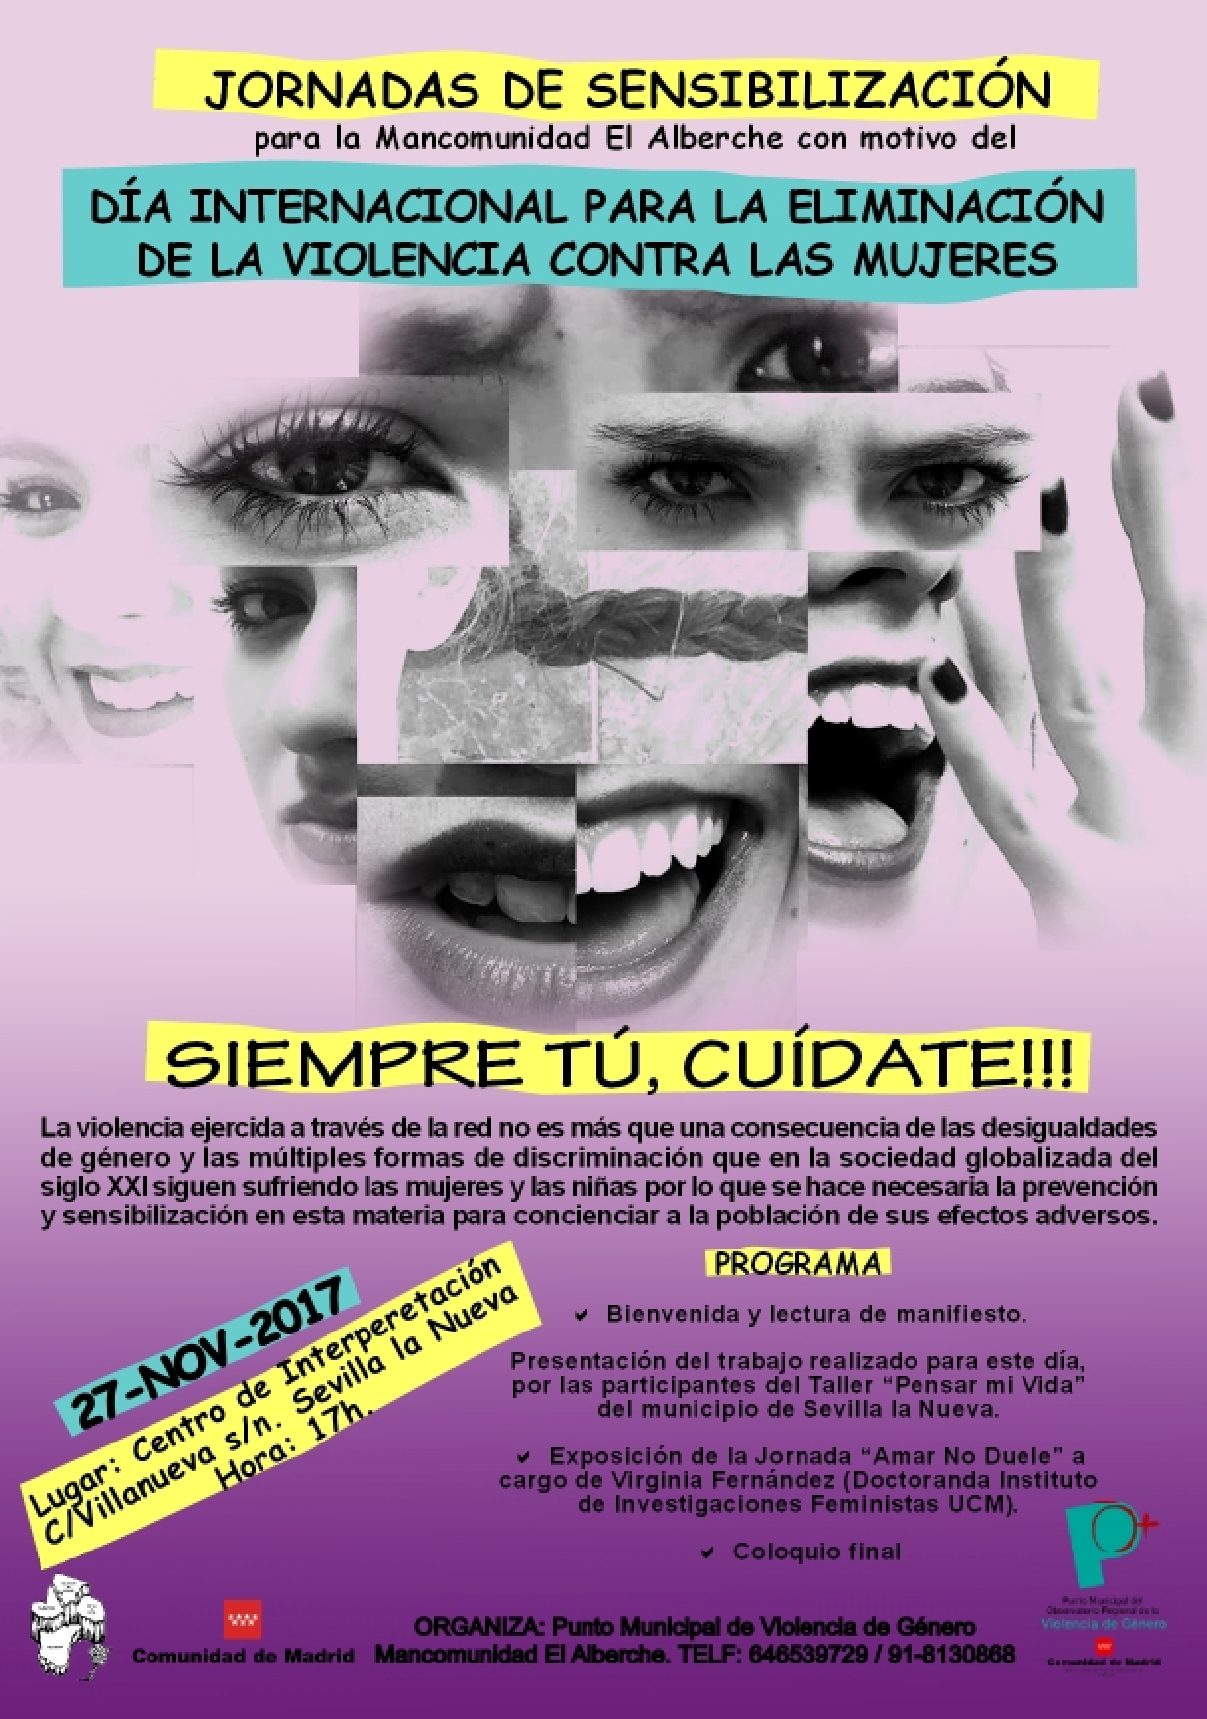 Jornadas de Sensibilización contra la Violencia de Género @ Centro de Interpretación